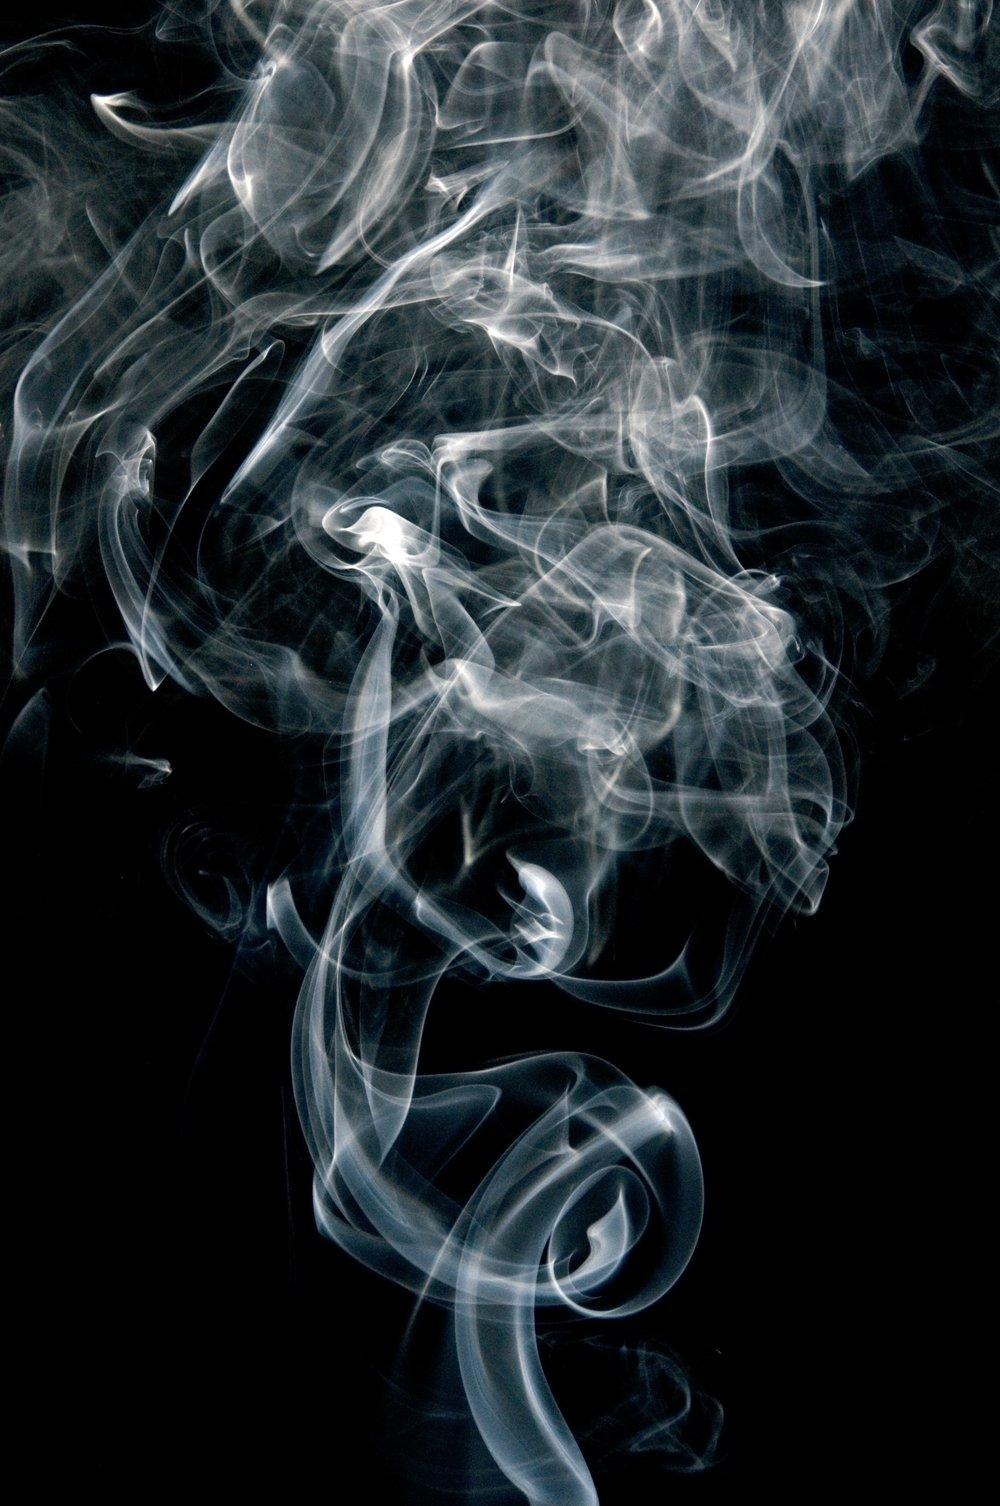 dark-smoke-59810.jpg